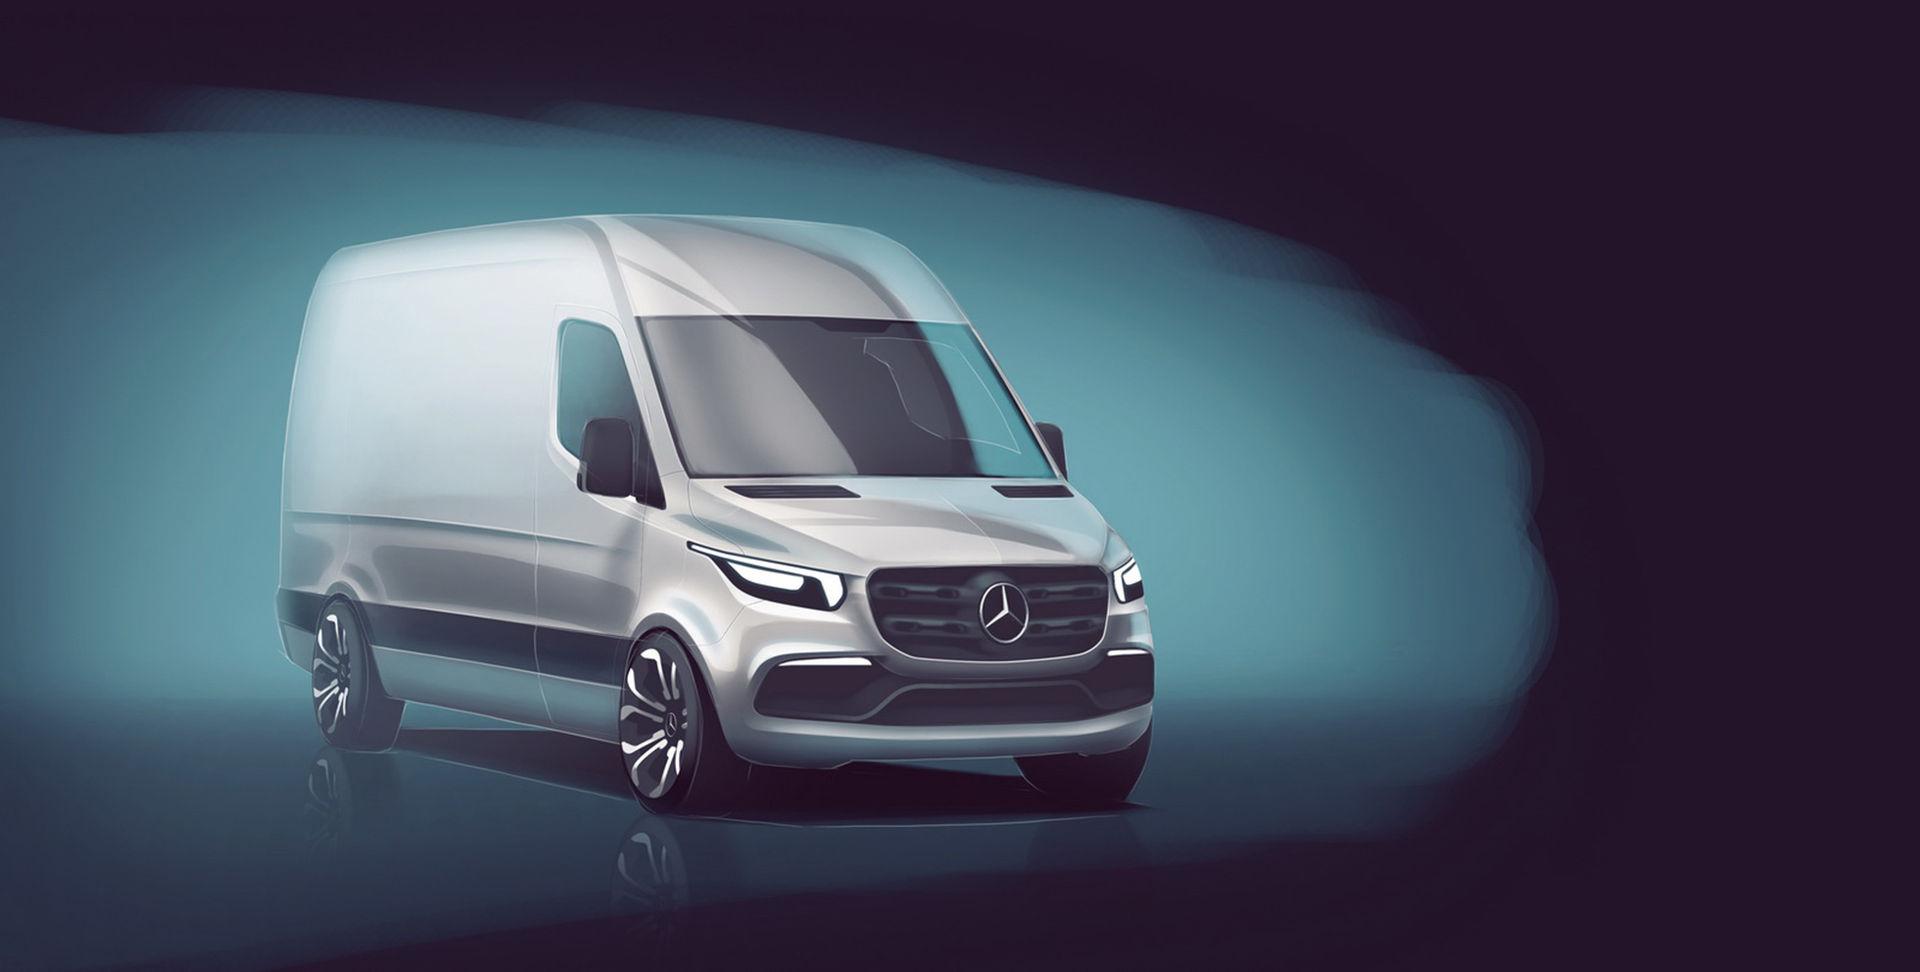 Första bilden på nya Mercedes Sprinter